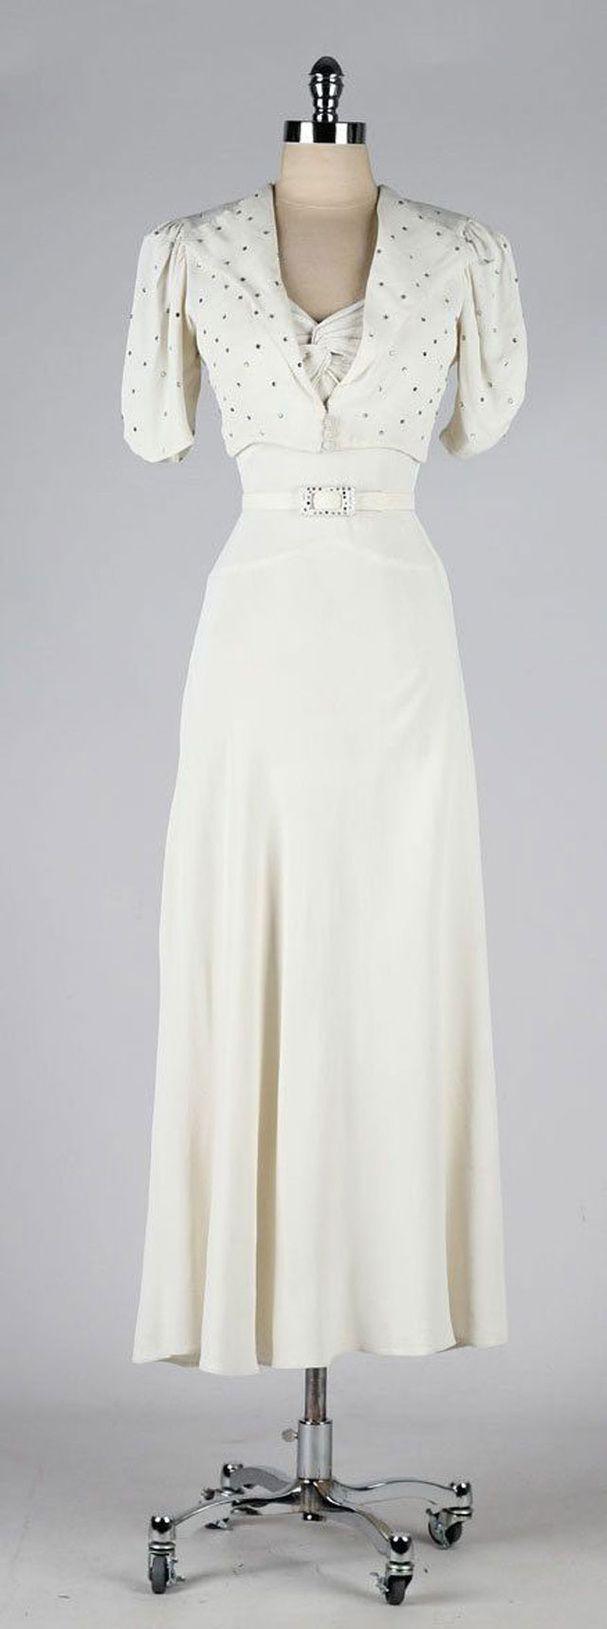 Les 25 meilleures id es de la cat gorie robe des ann es 1920 sur pinterest mode des ann es - Robe vintage annee 20 ...